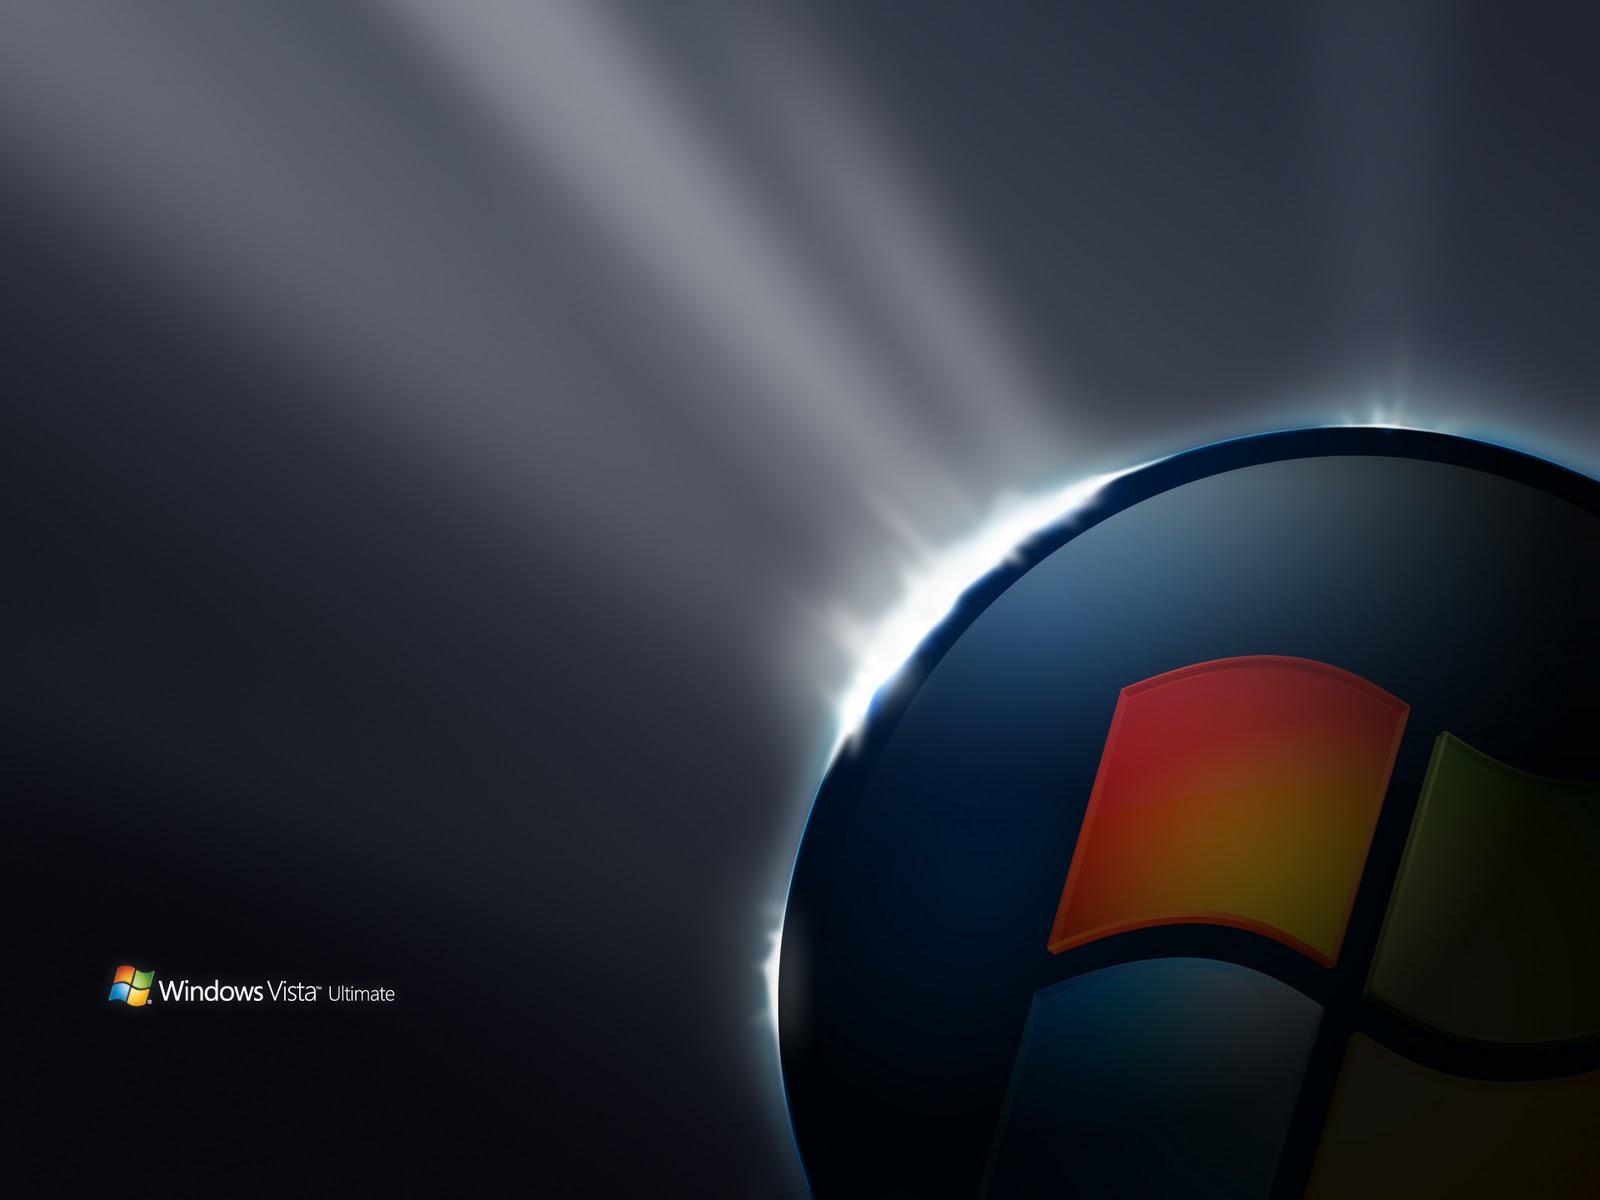 http://1.bp.blogspot.com/_edPaNg3NkAw/TNNgWJojCAI/AAAAAAAAAAc/TulL_um5UGM/s1600/wallpaper-de-windows-vista.jpg